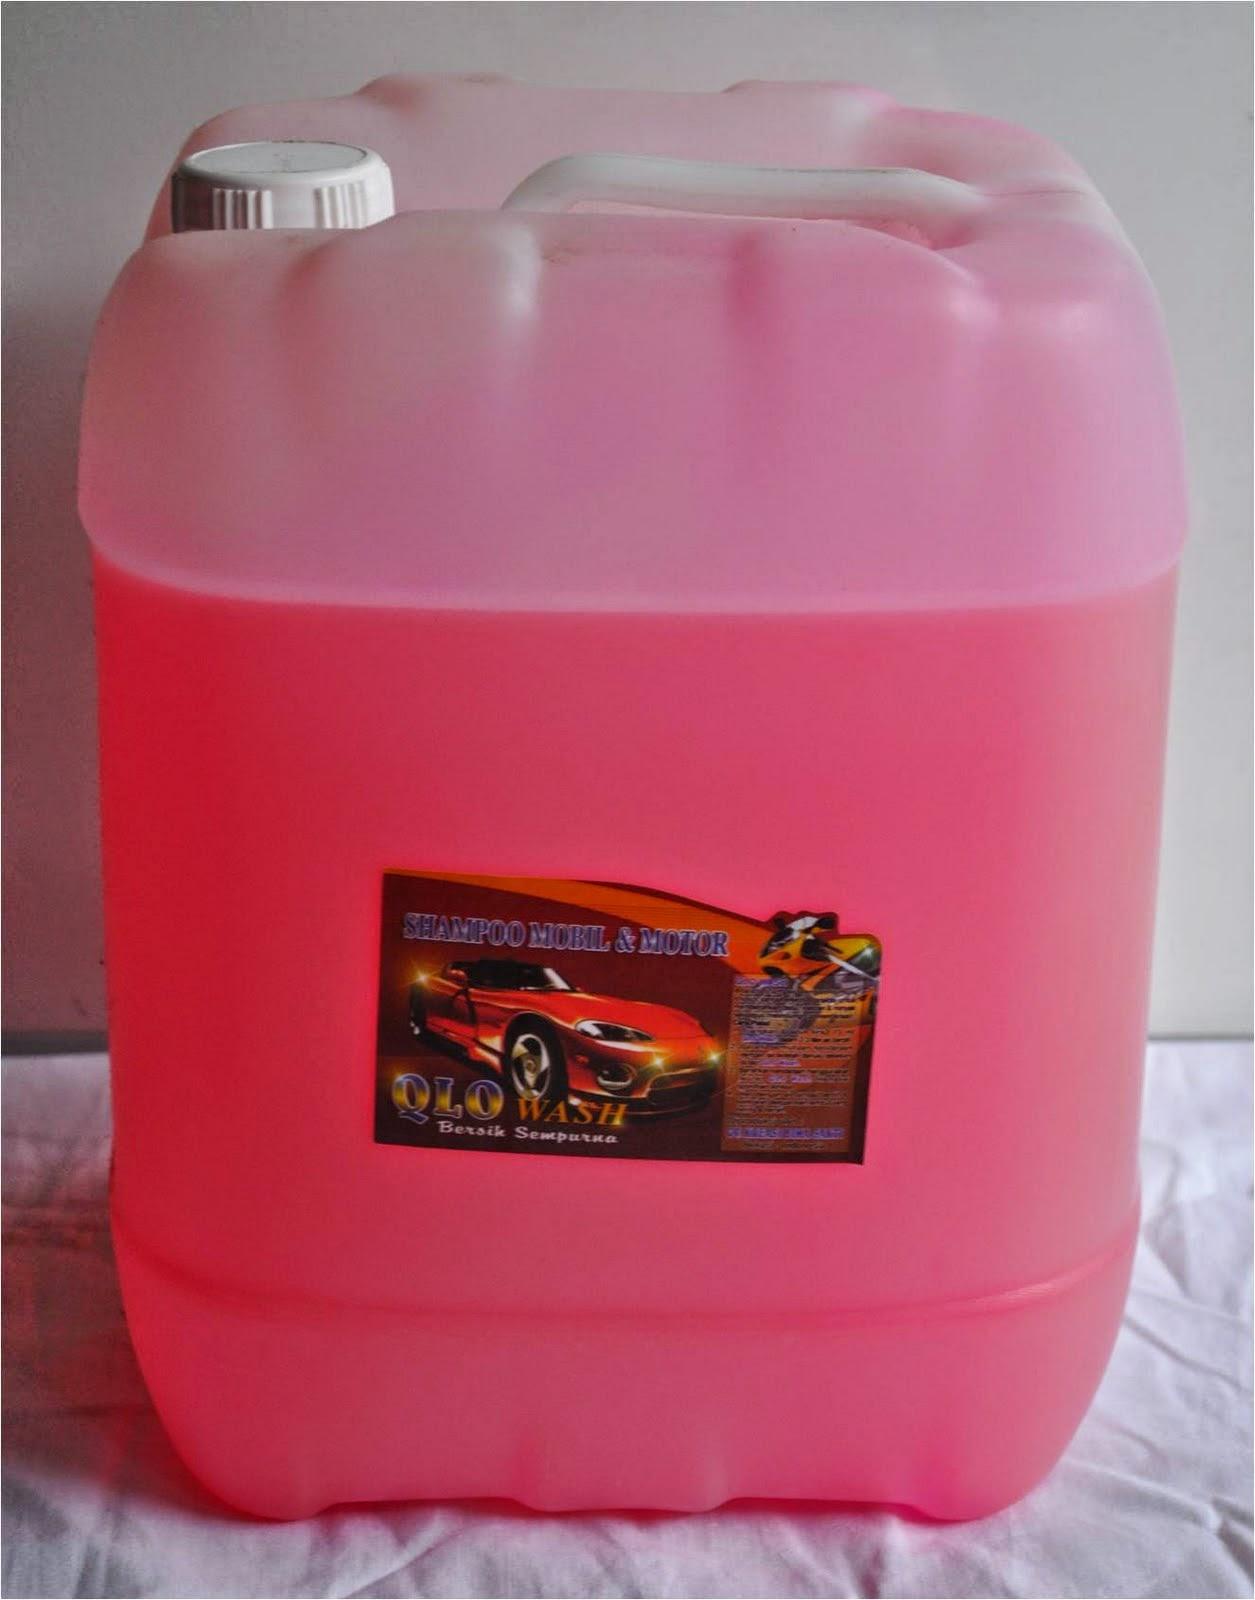 Perlengkapan Doorsmeer - Jual Shampoo Mobil Dan Motor - Shampoo Mobil Dan Motor Karawang